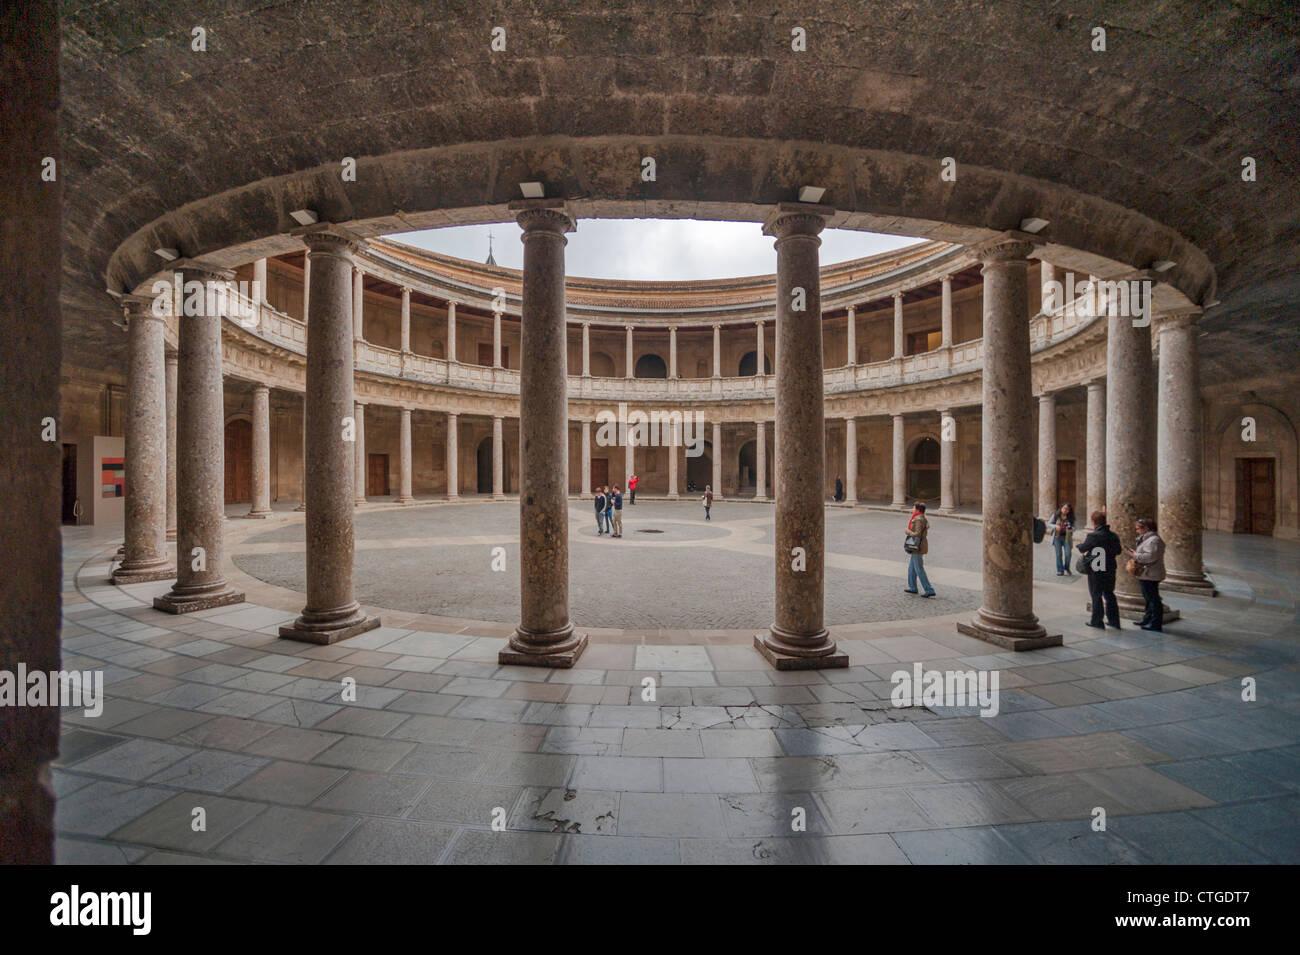 Palace of Charles V, Palacio de Carlos V, Alhambra Granada, Spain Stock Photo...